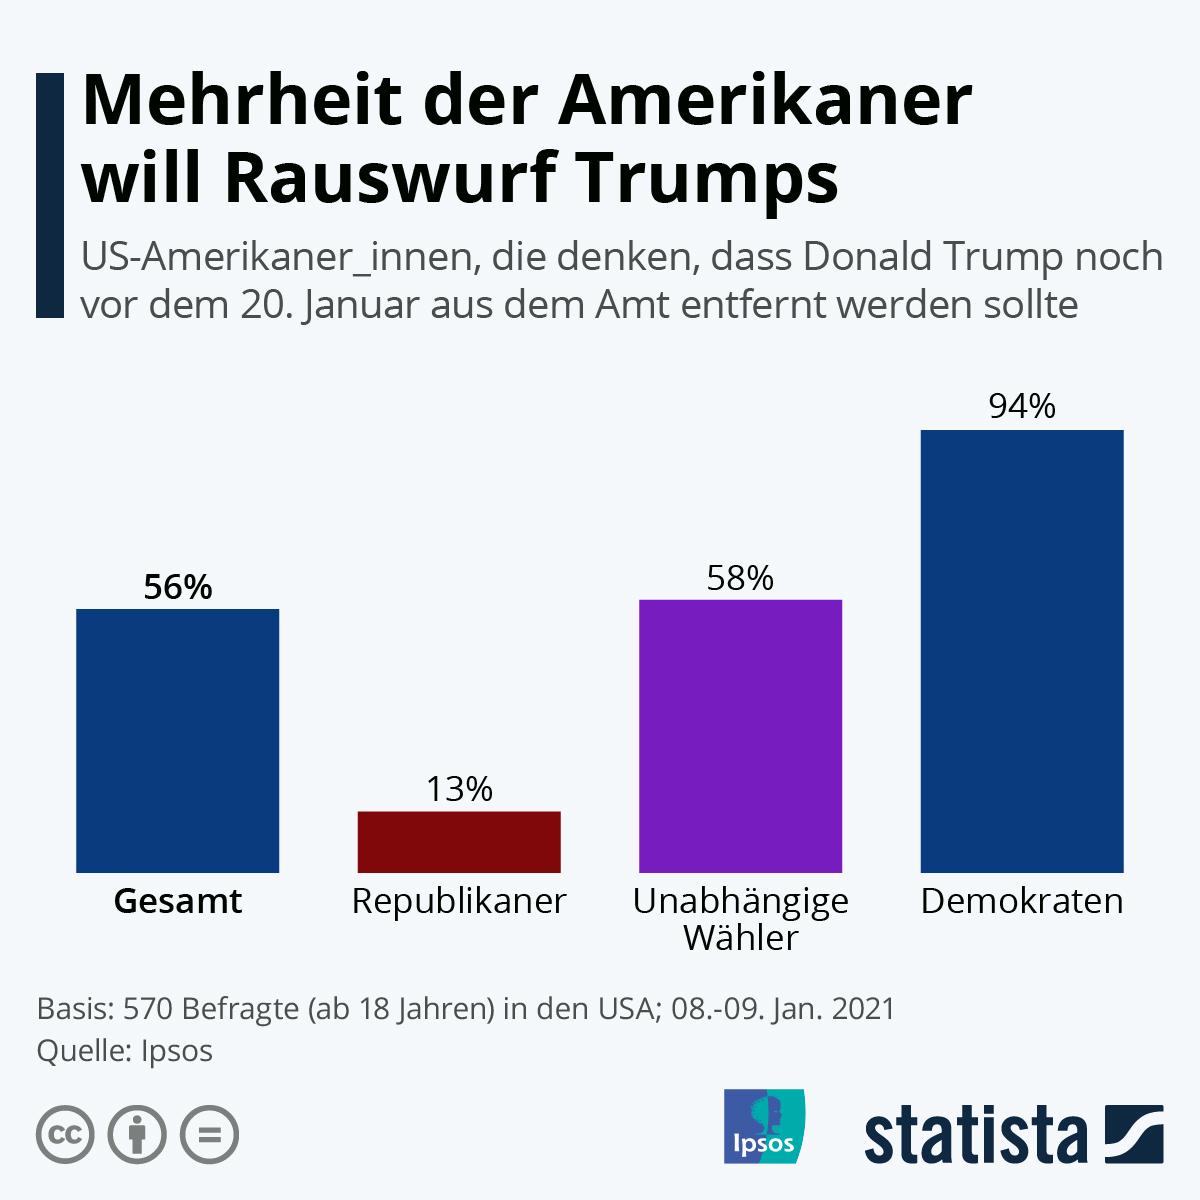 Infografik: Mehrheit der Amerikaner will Rauswurf Trumps | Statista